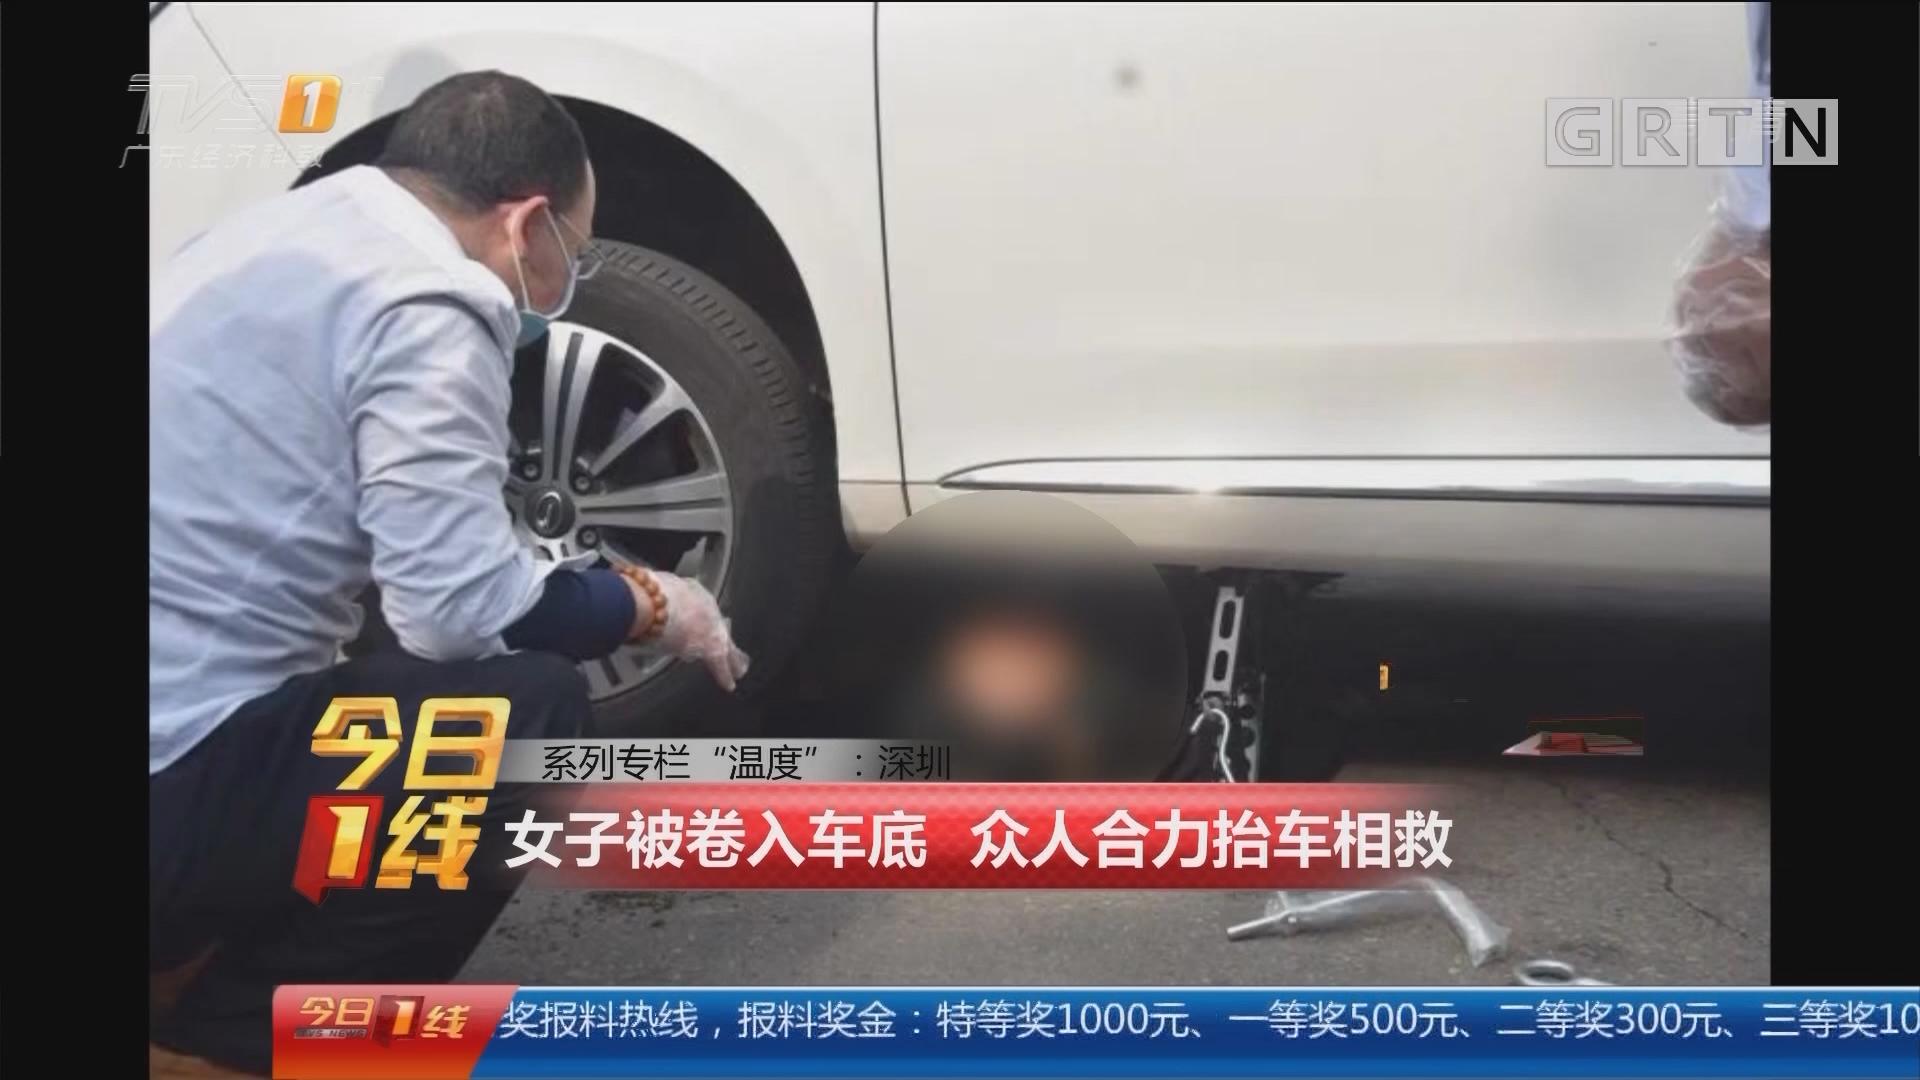 """系列专栏""""温度"""":深圳 女子被卷入车底 众人合力抬车相救"""